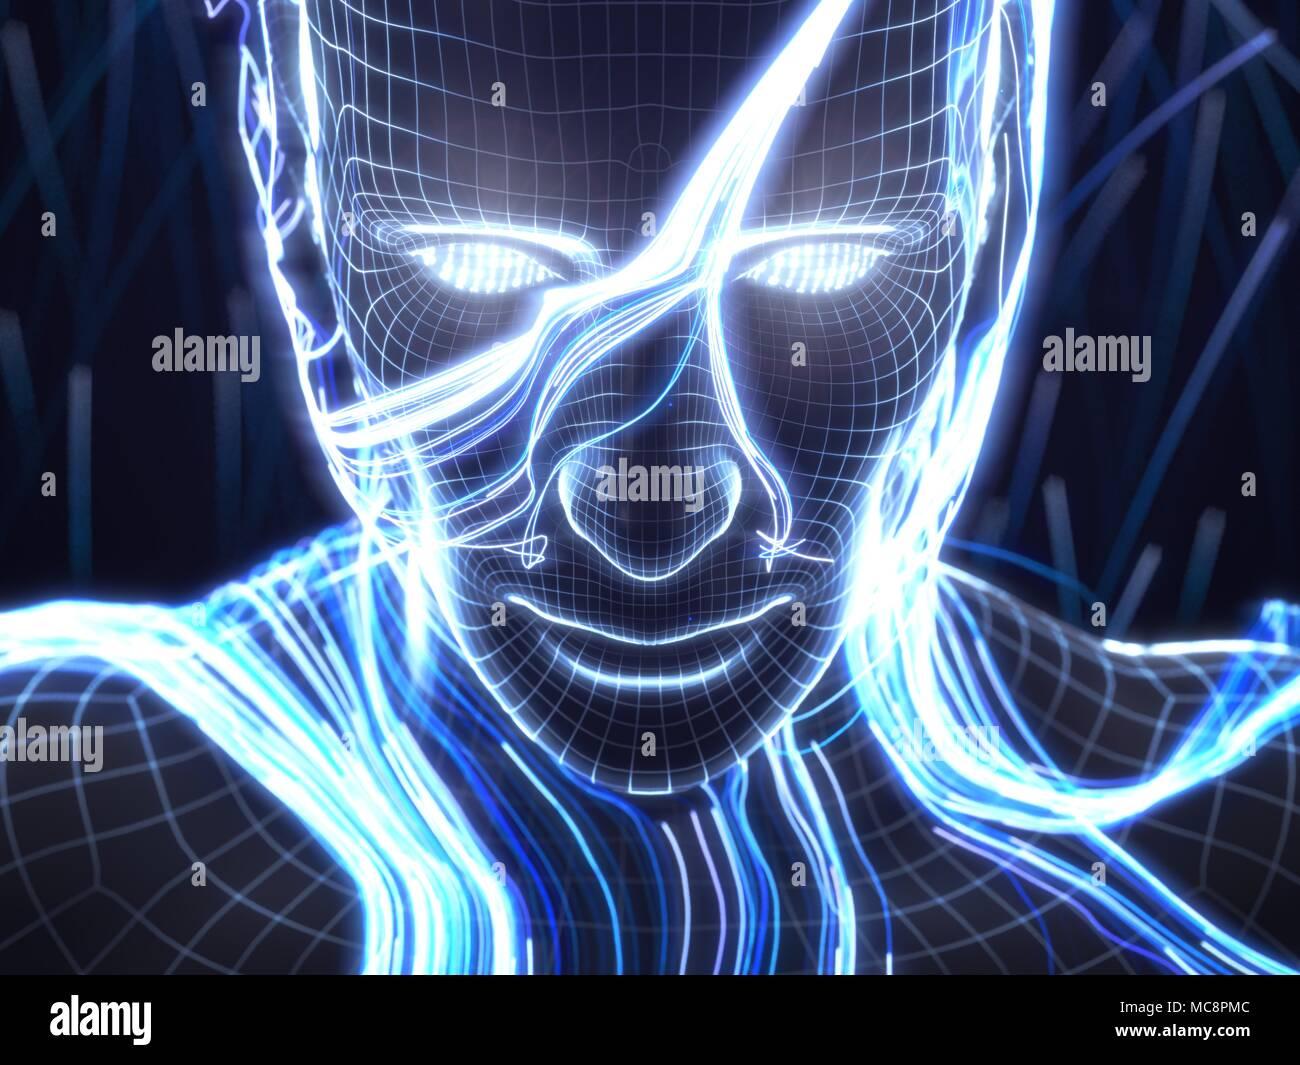 Concept d'intelligence artificielle avec l'humain virtuel avatar. 3d illustration. Convient pour la technologie, l'intelligence artificielle, l'exploration de données,deep learnin Photo Stock